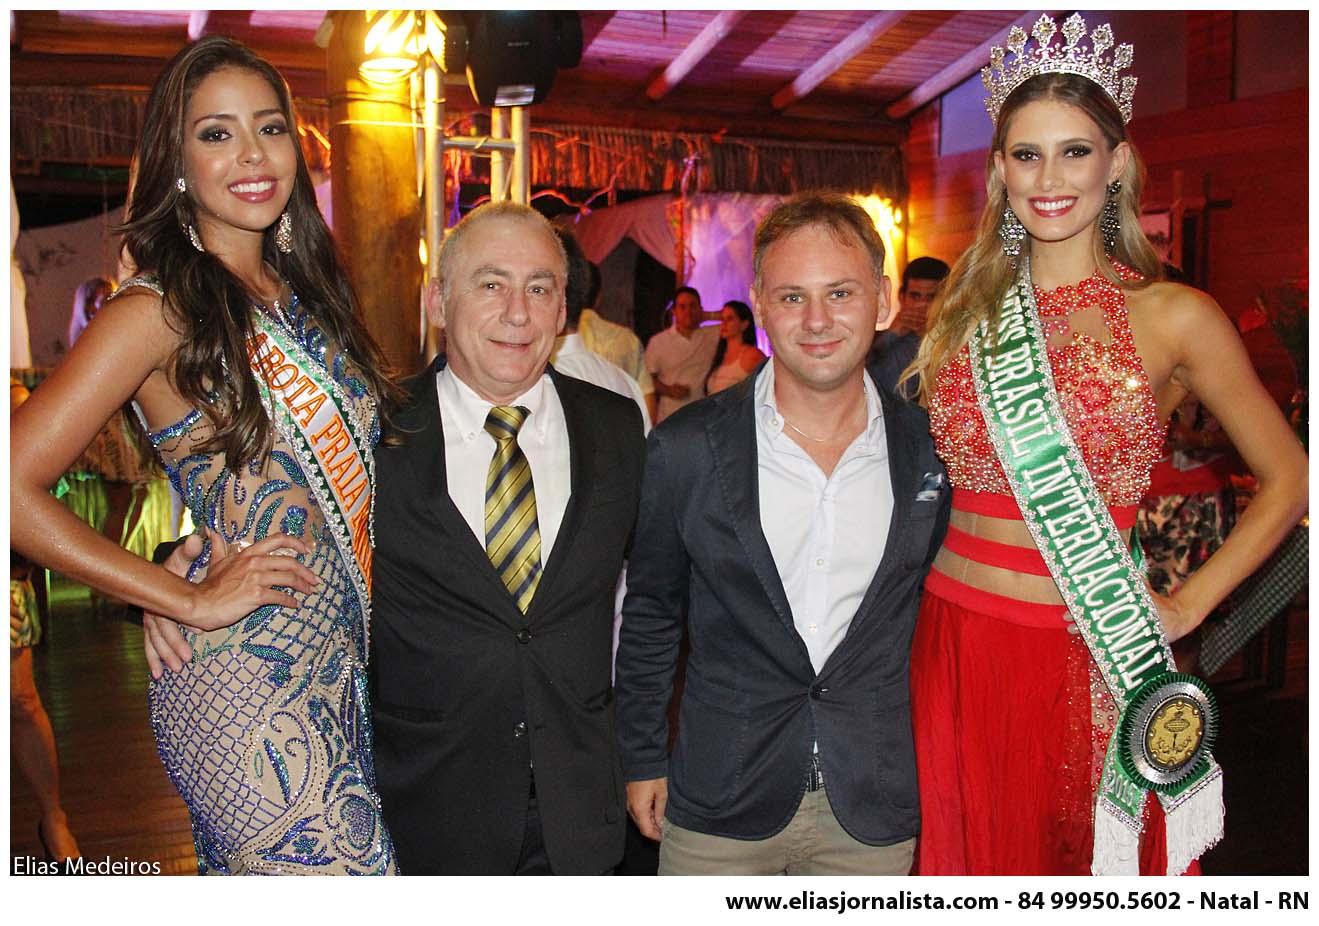 brasil top 10 de miss internacional 2015. MG_0153